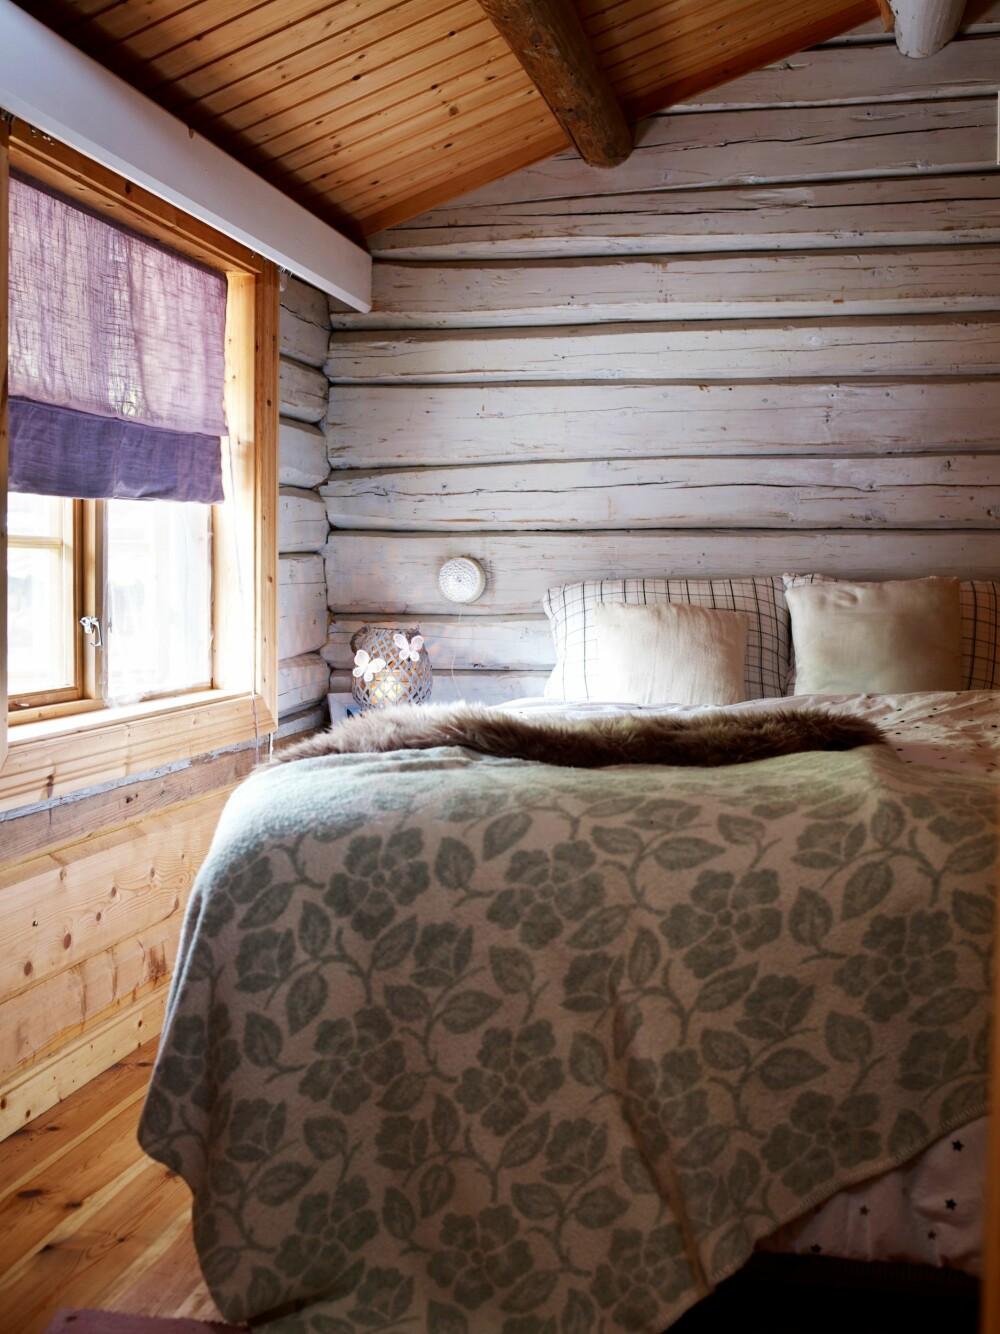 FÅR PUSTE: Også tømmer har godt av å puste. Derfor pusser hytteeierne den tette malingen av de gamle tømmerveggene på soverommet, noe som er nøysommelig jobb de bruker mye tid på.